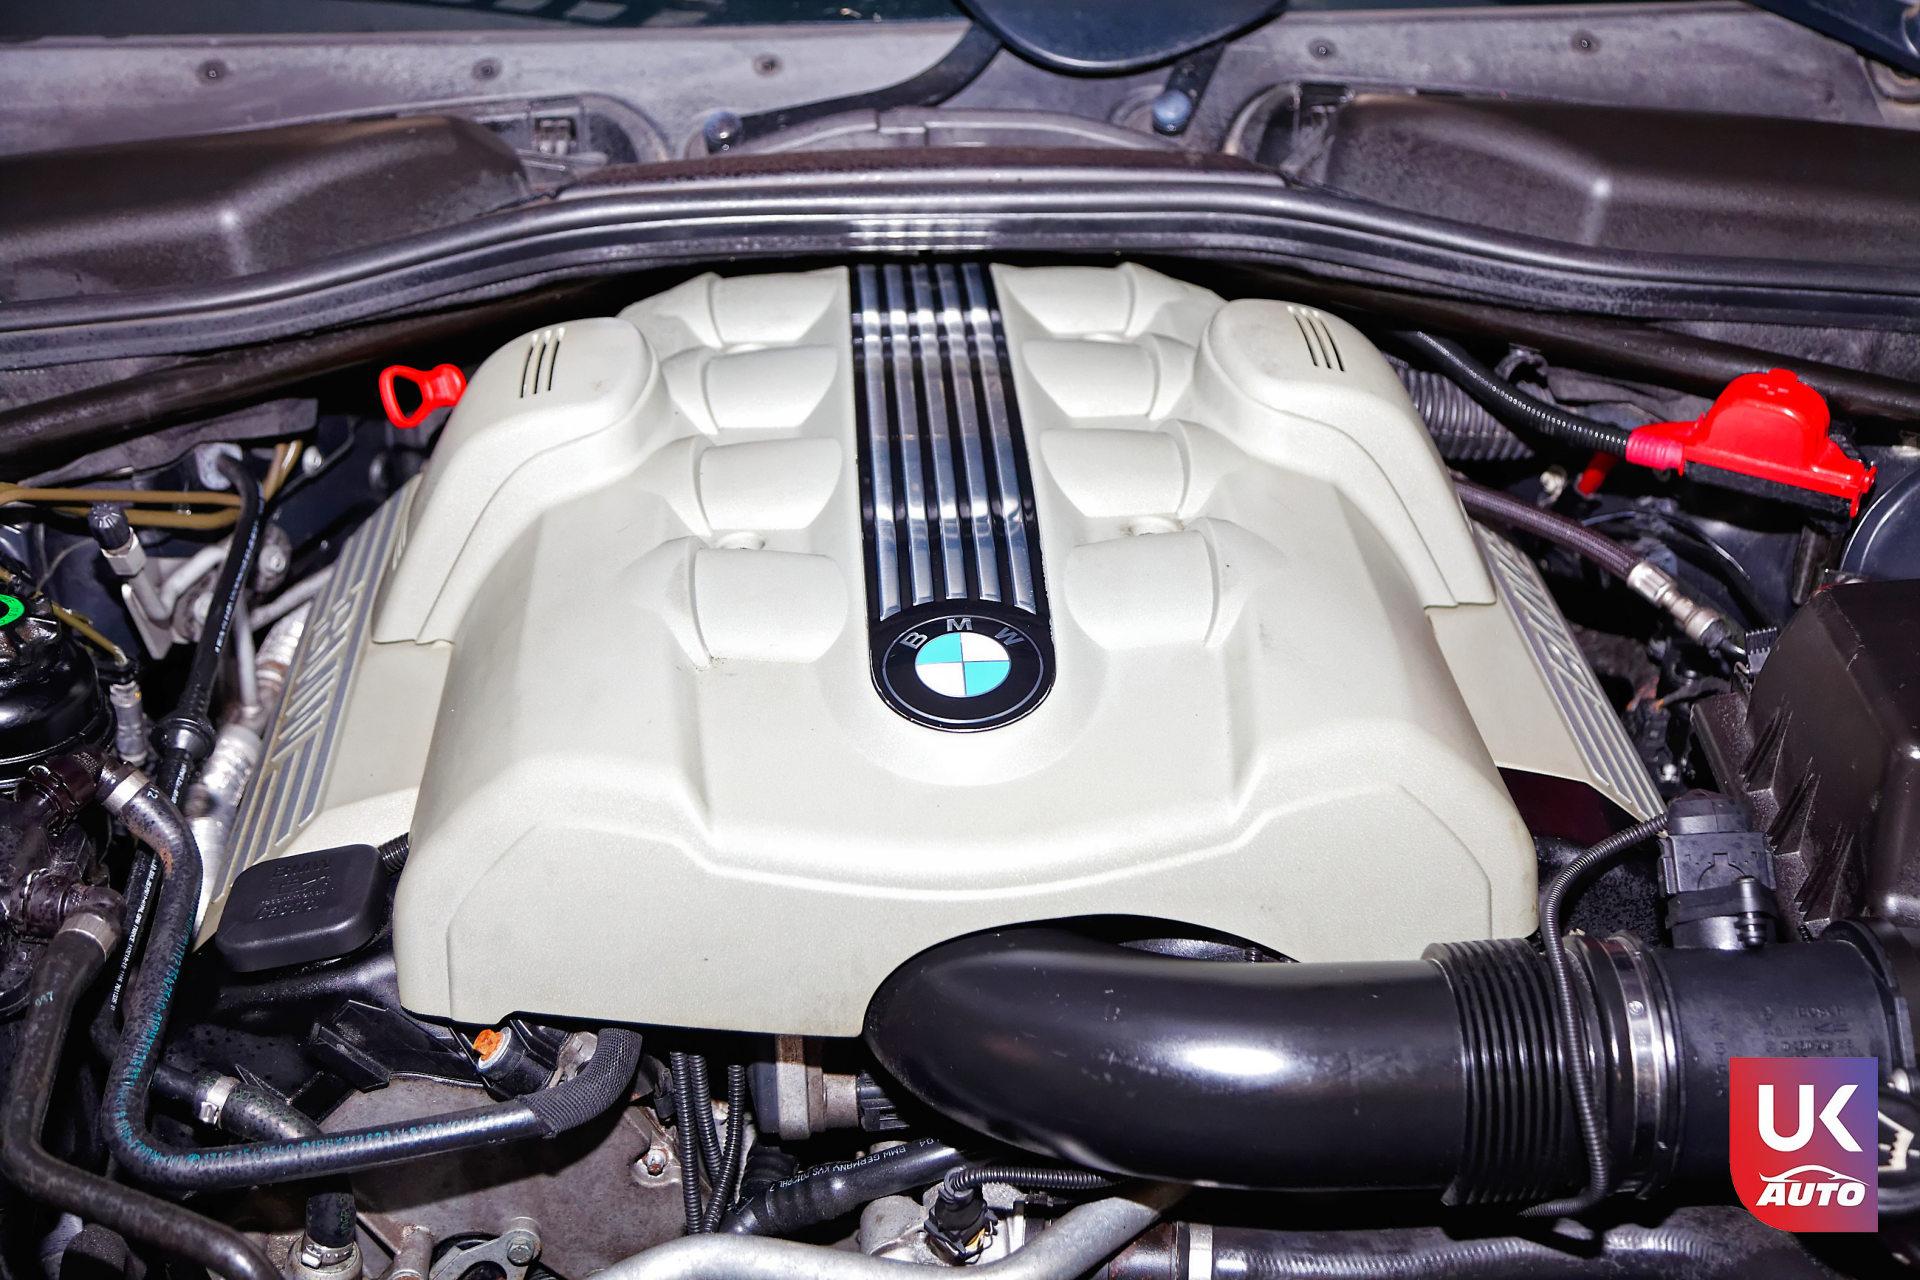 Bmw 645ci v8 import rhd bmw uk import rhd angleterre voiture anglaise bmw 645ci v84 DxO - BMW UK IMPORT BMW 645CI V8 ACHAT A LONDRES BMW IMPORT RHD FELICITATION A DAVID